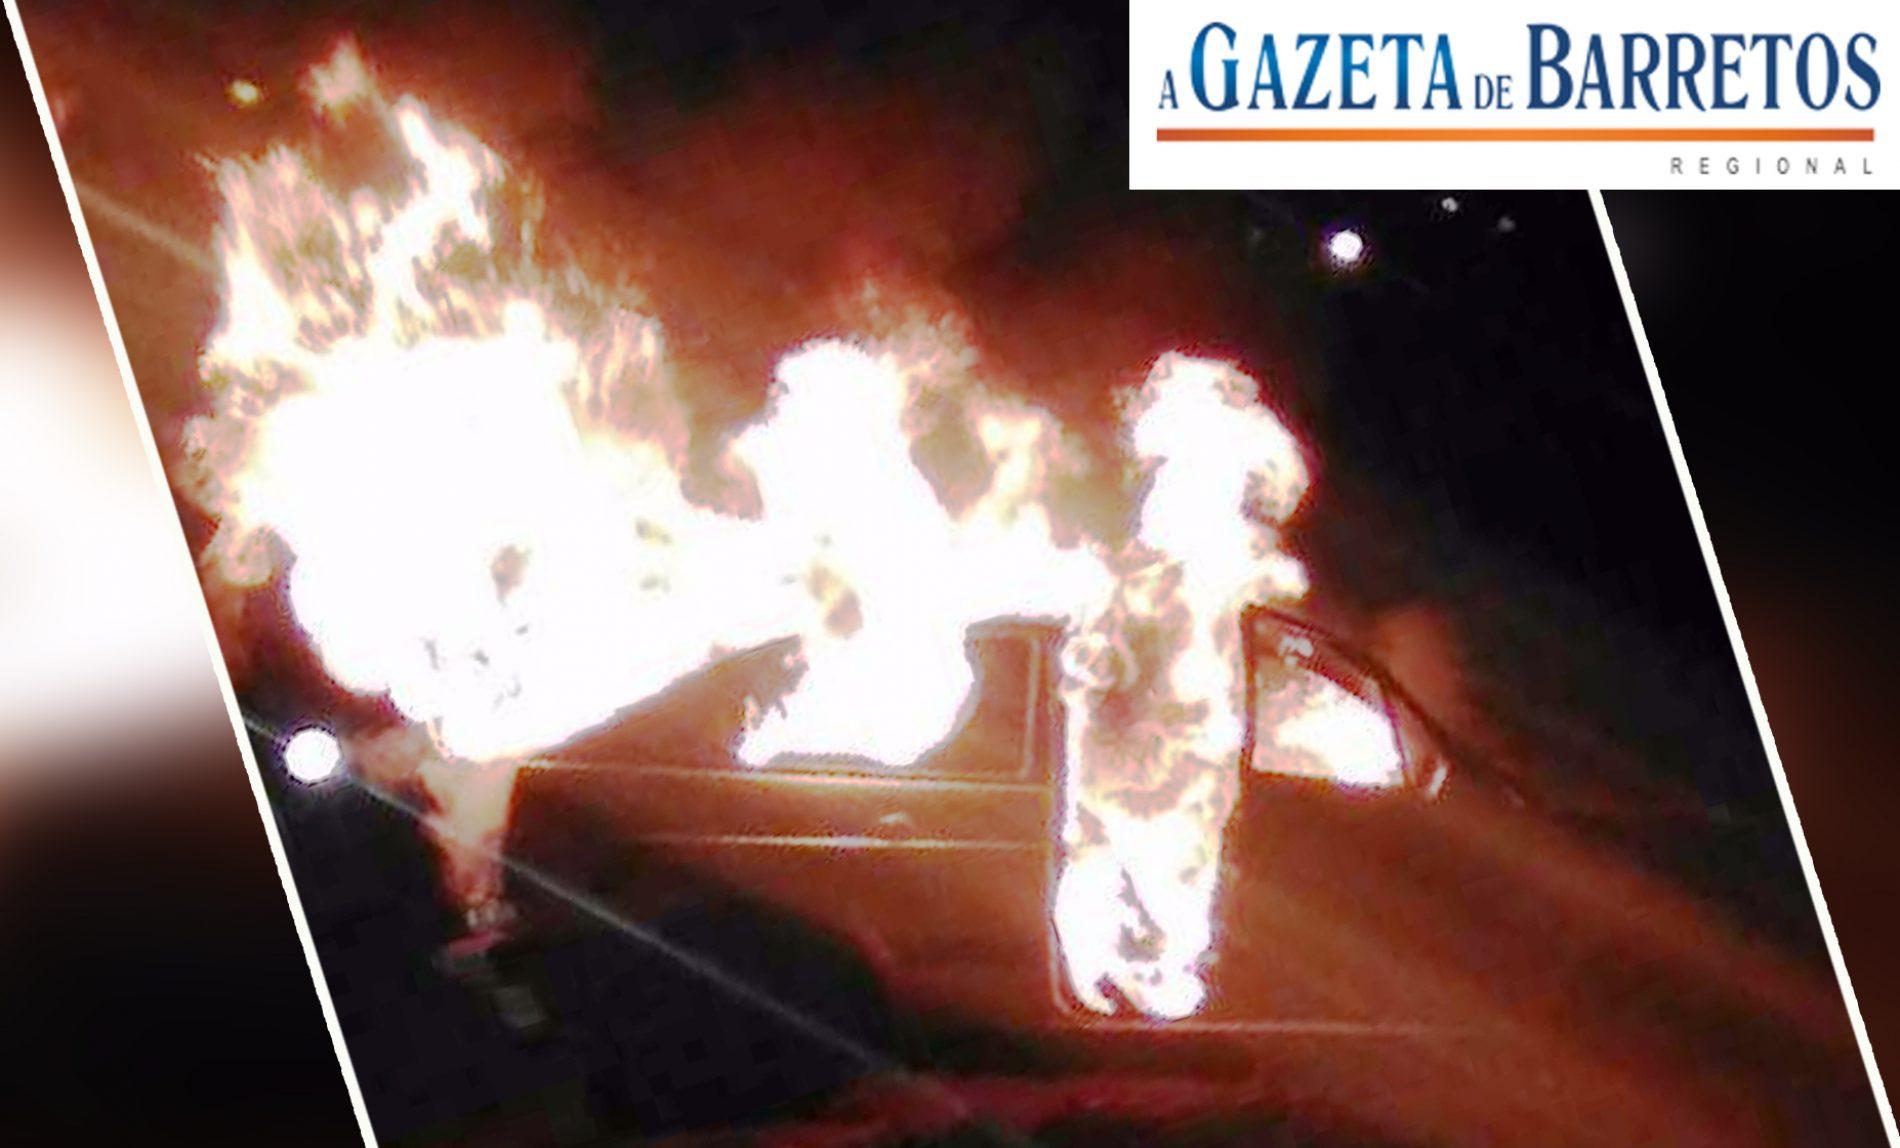 Porto Ferreira: Embriagado, motorista atropela criança e tem veículo queimado por populares